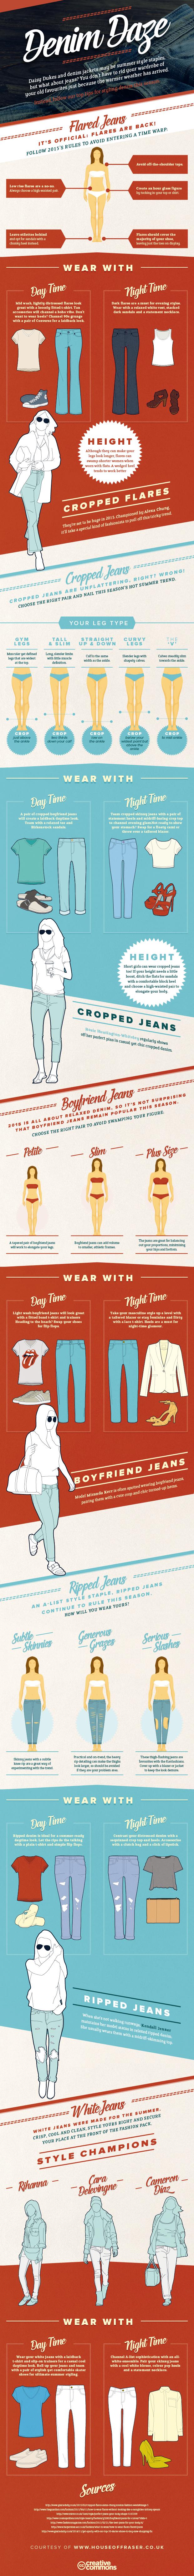 HoF Denim Daze Infographic Texture